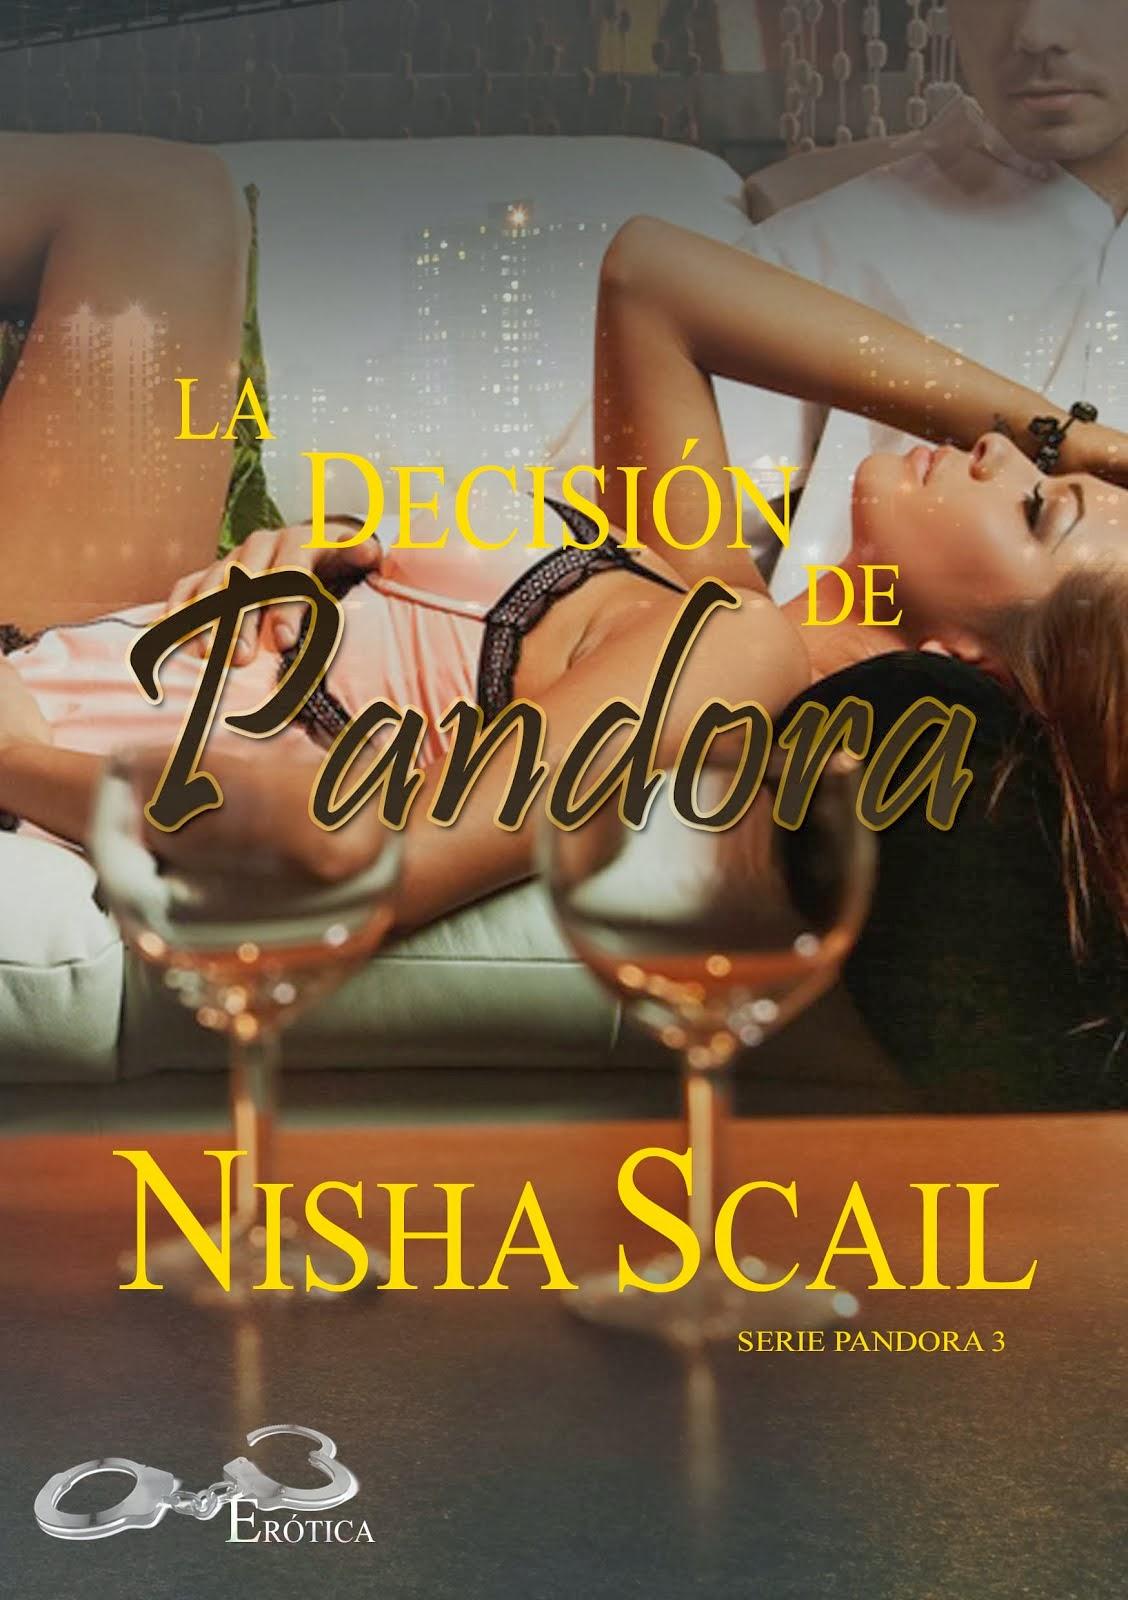 Serie Pandora 3